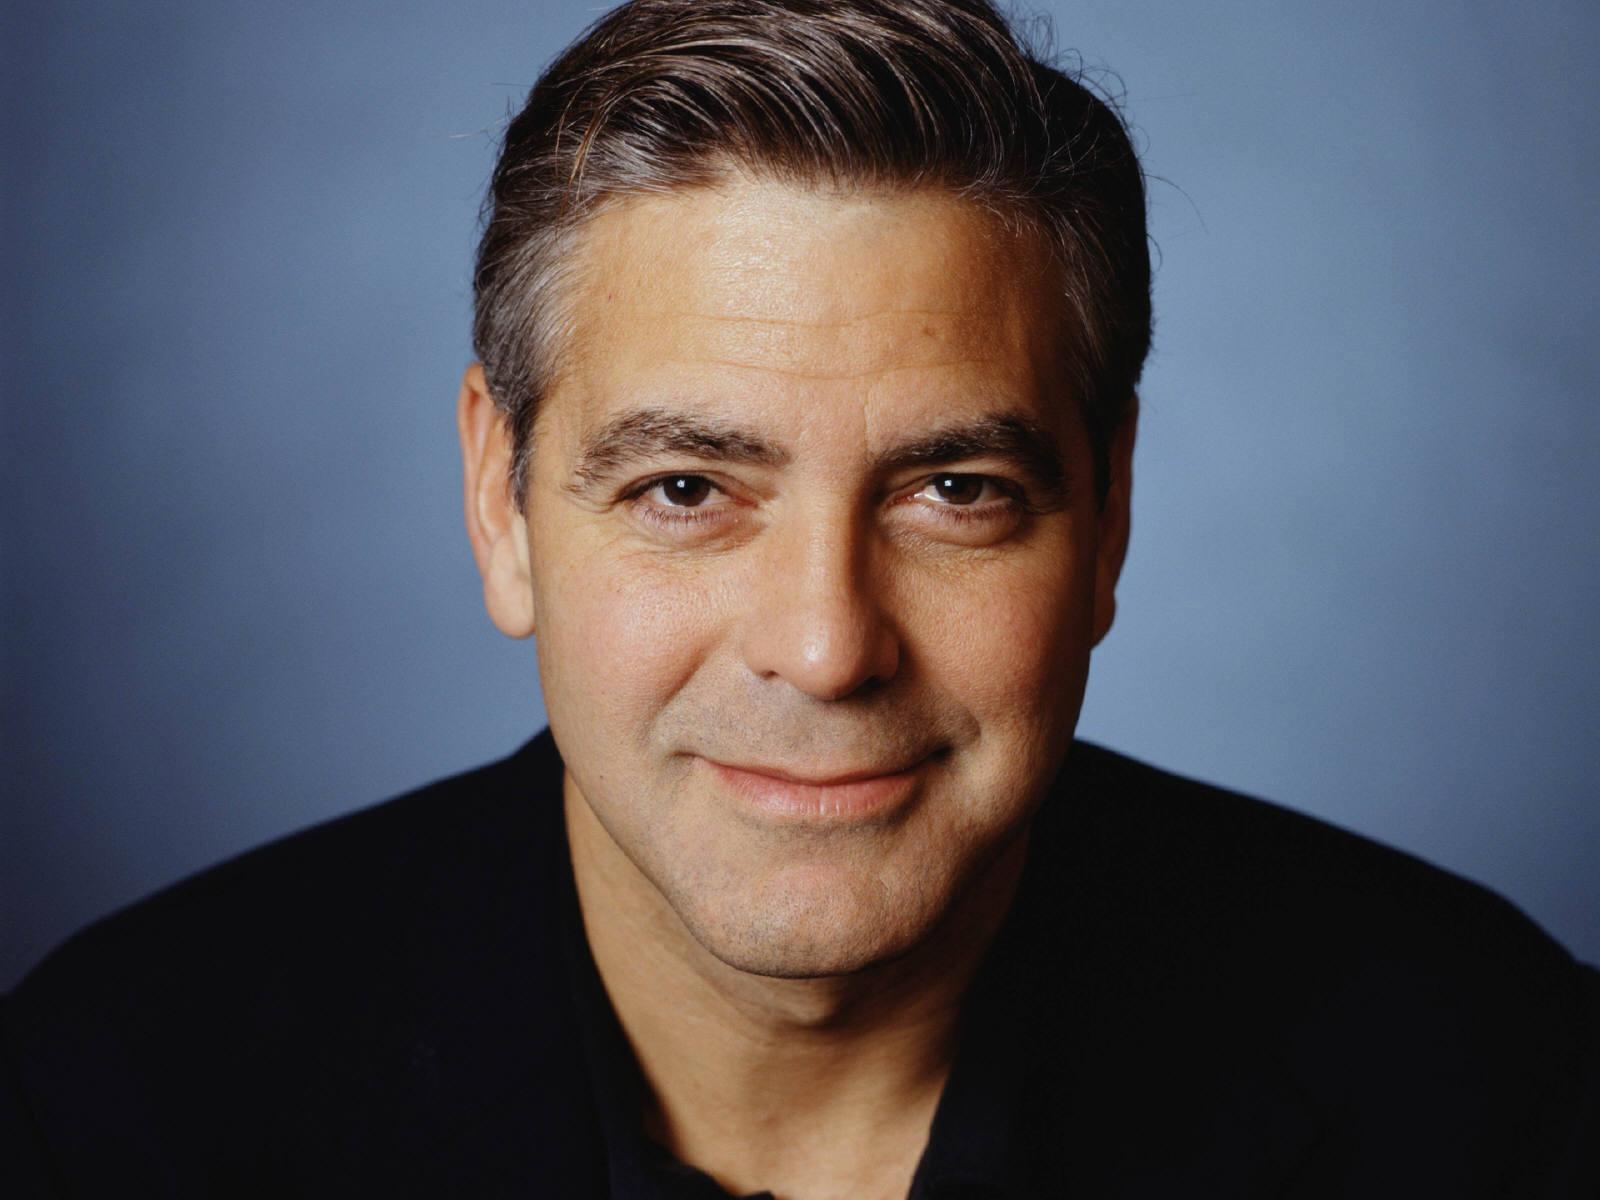 ¿Cuánto sabes sobre…? El actor George Clooney